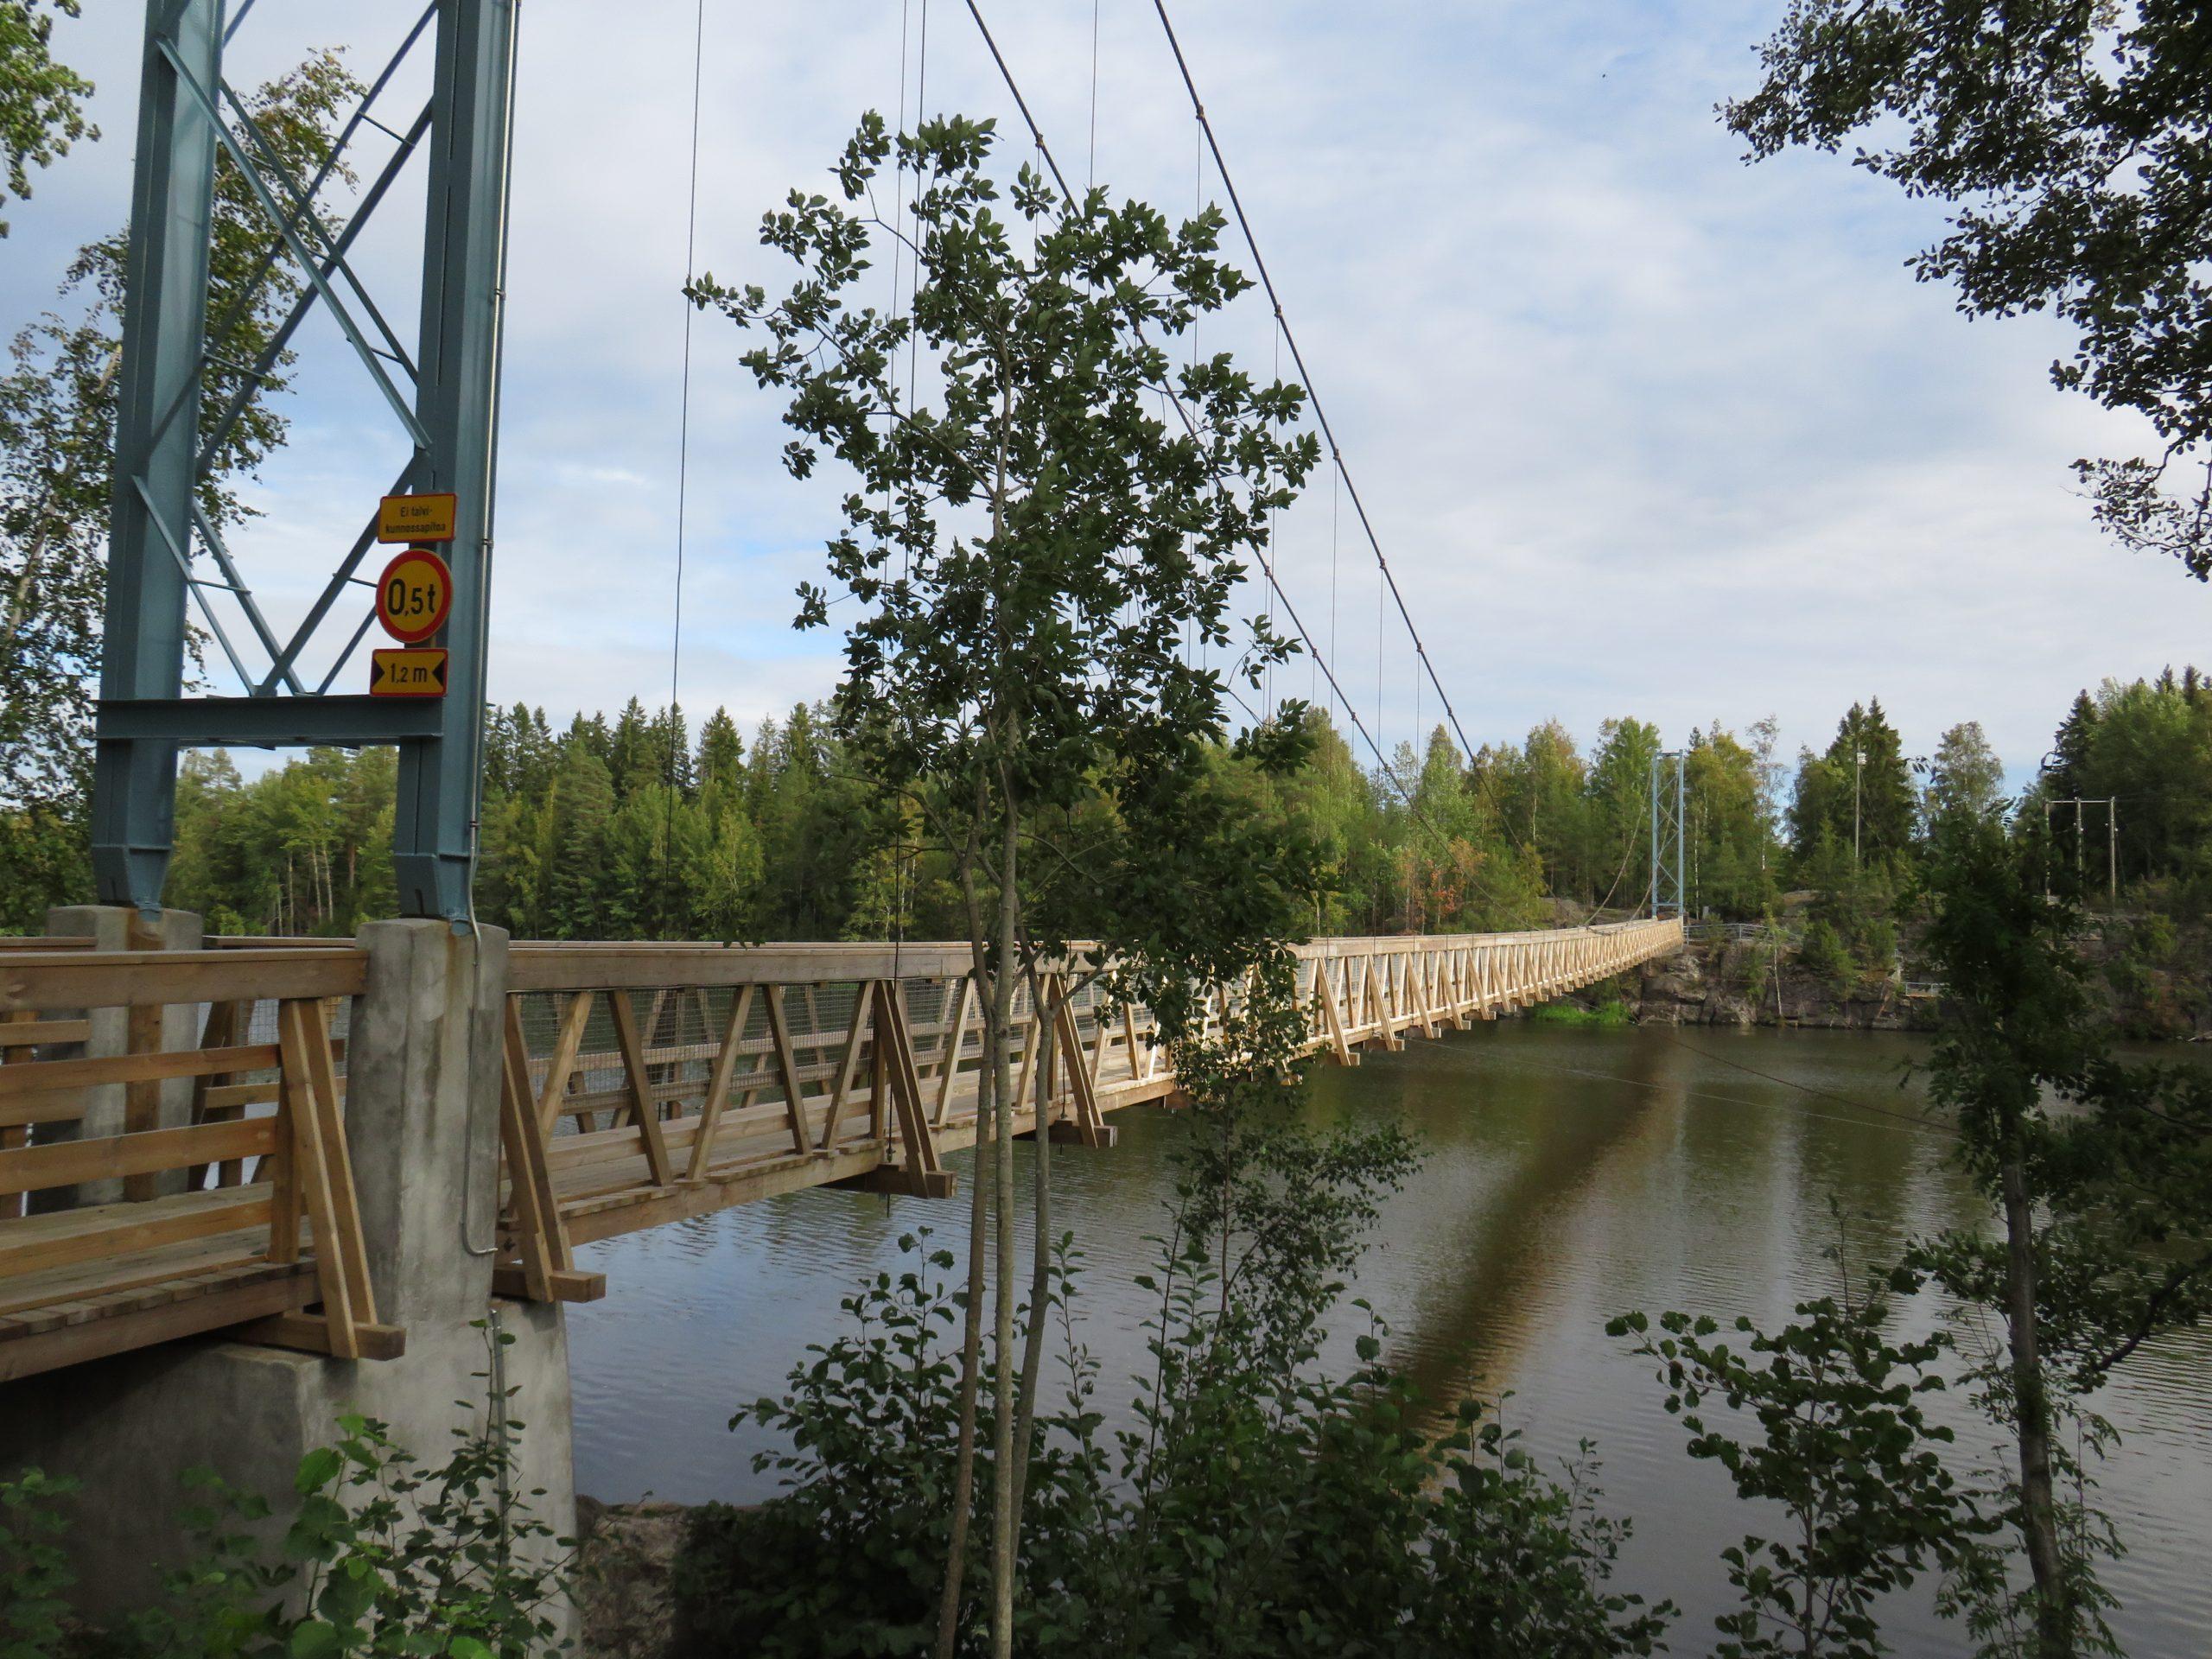 Kuvassa pitkä puinen riippusilta, joka kulkee joen yli. Edessä puita ja taustalla vastarannalla kalliota ja metsää.